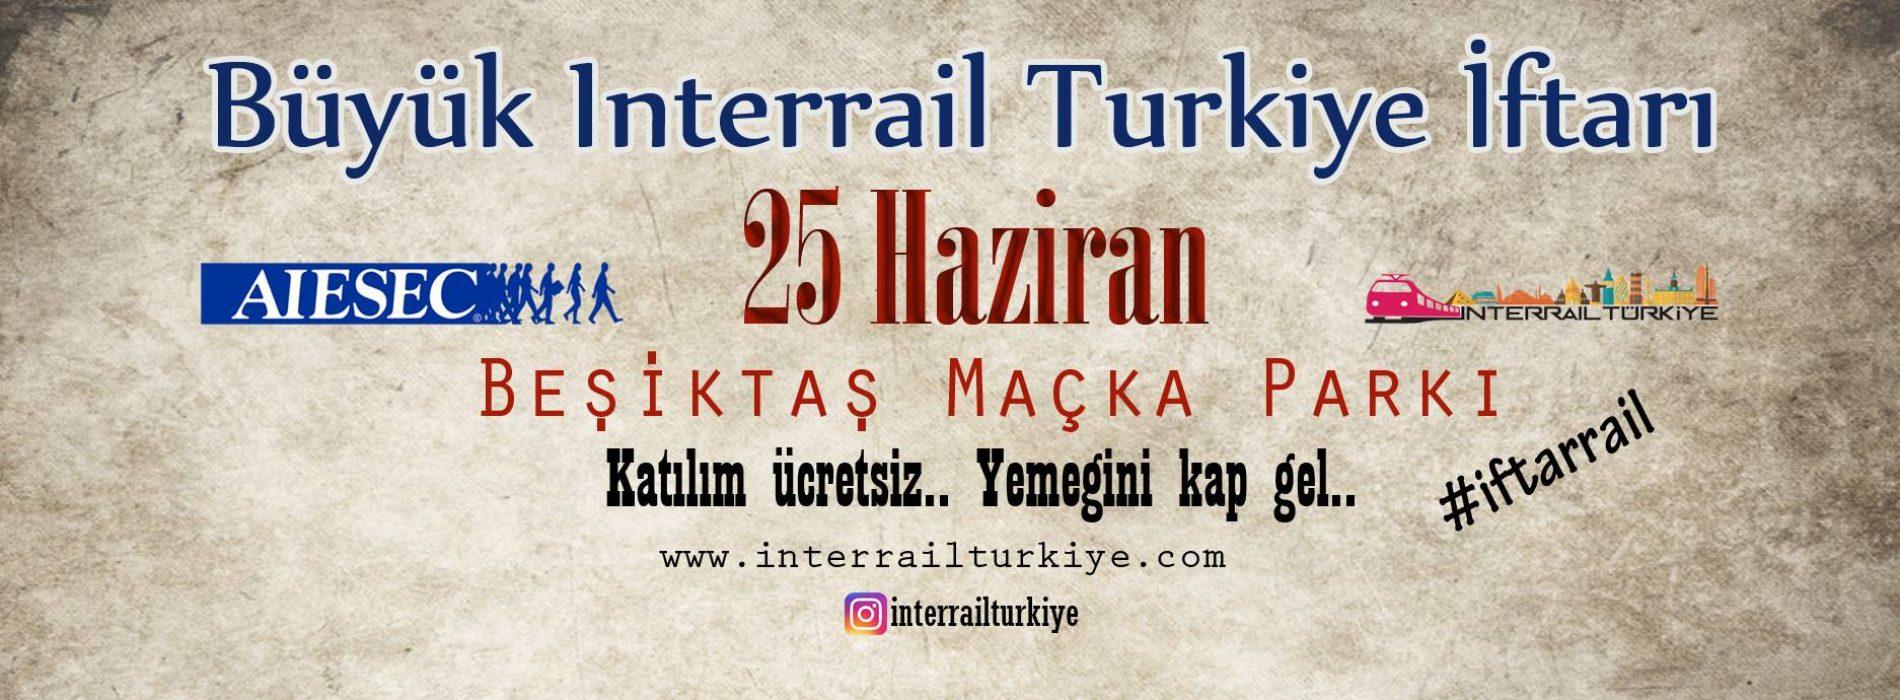 25 Haziran Beşiktaş Interrail Türkiye İftarı